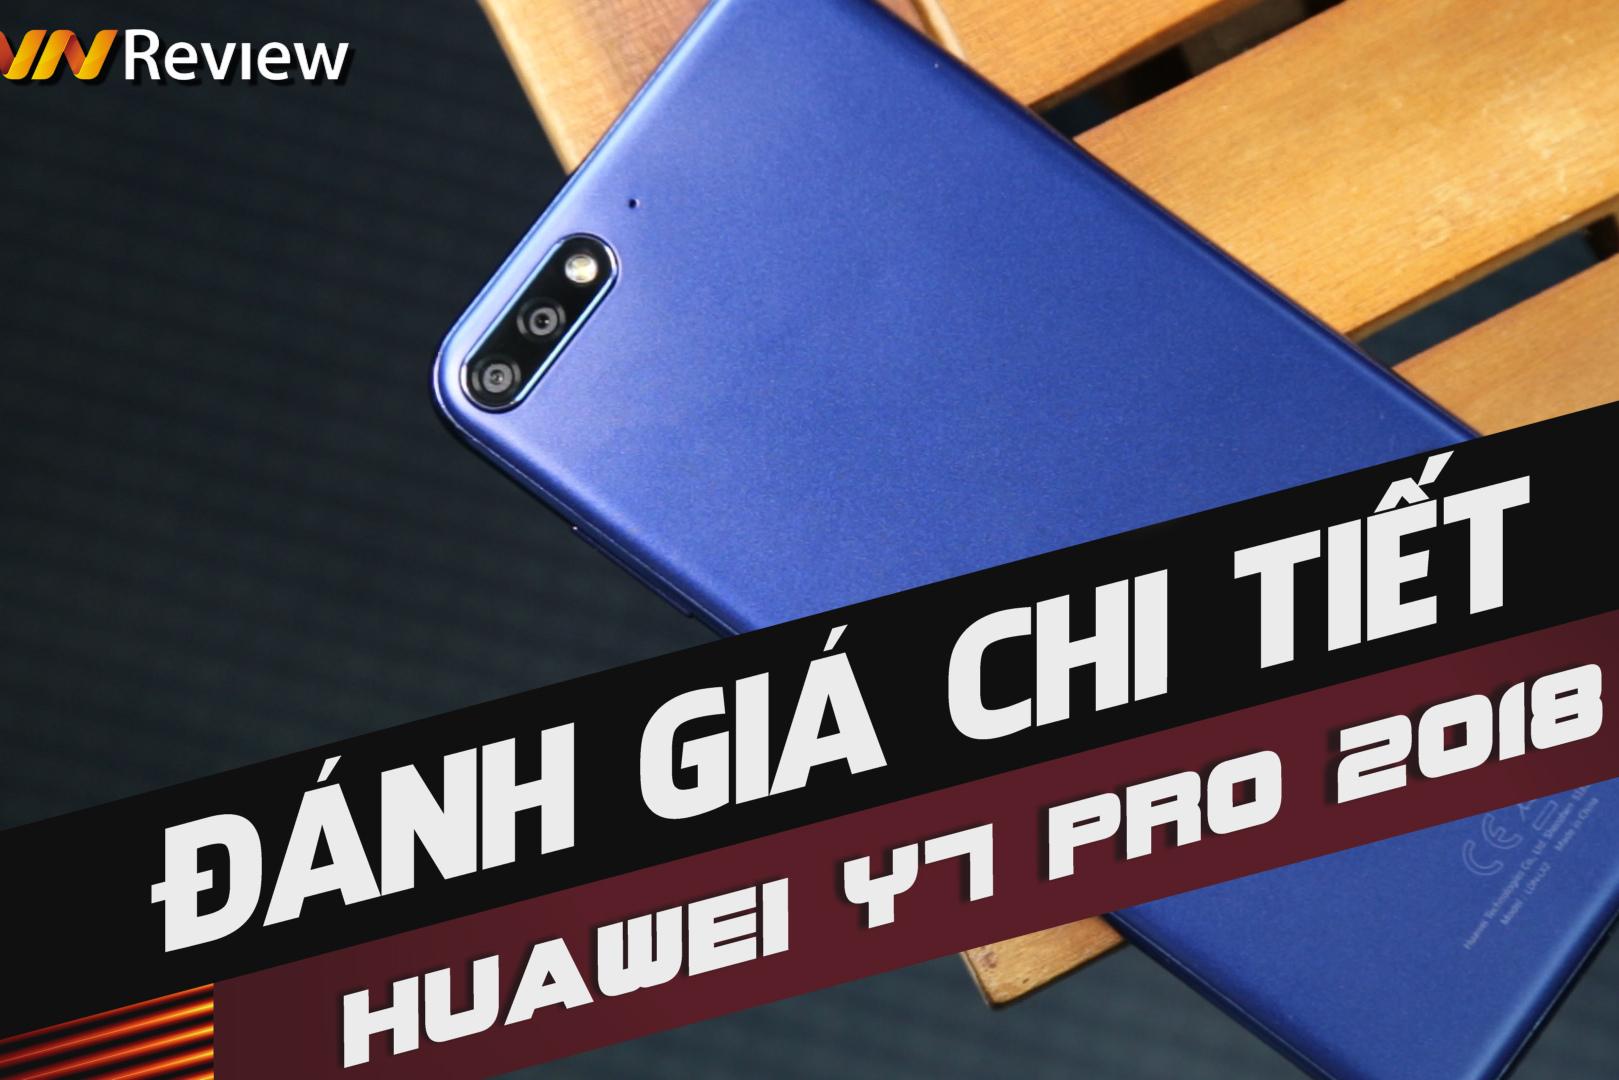 Đánh giá chi tiết Huawei Y7 Pro 2018: Tân binh đáng chú ý tầm giá 4 triệu đồng